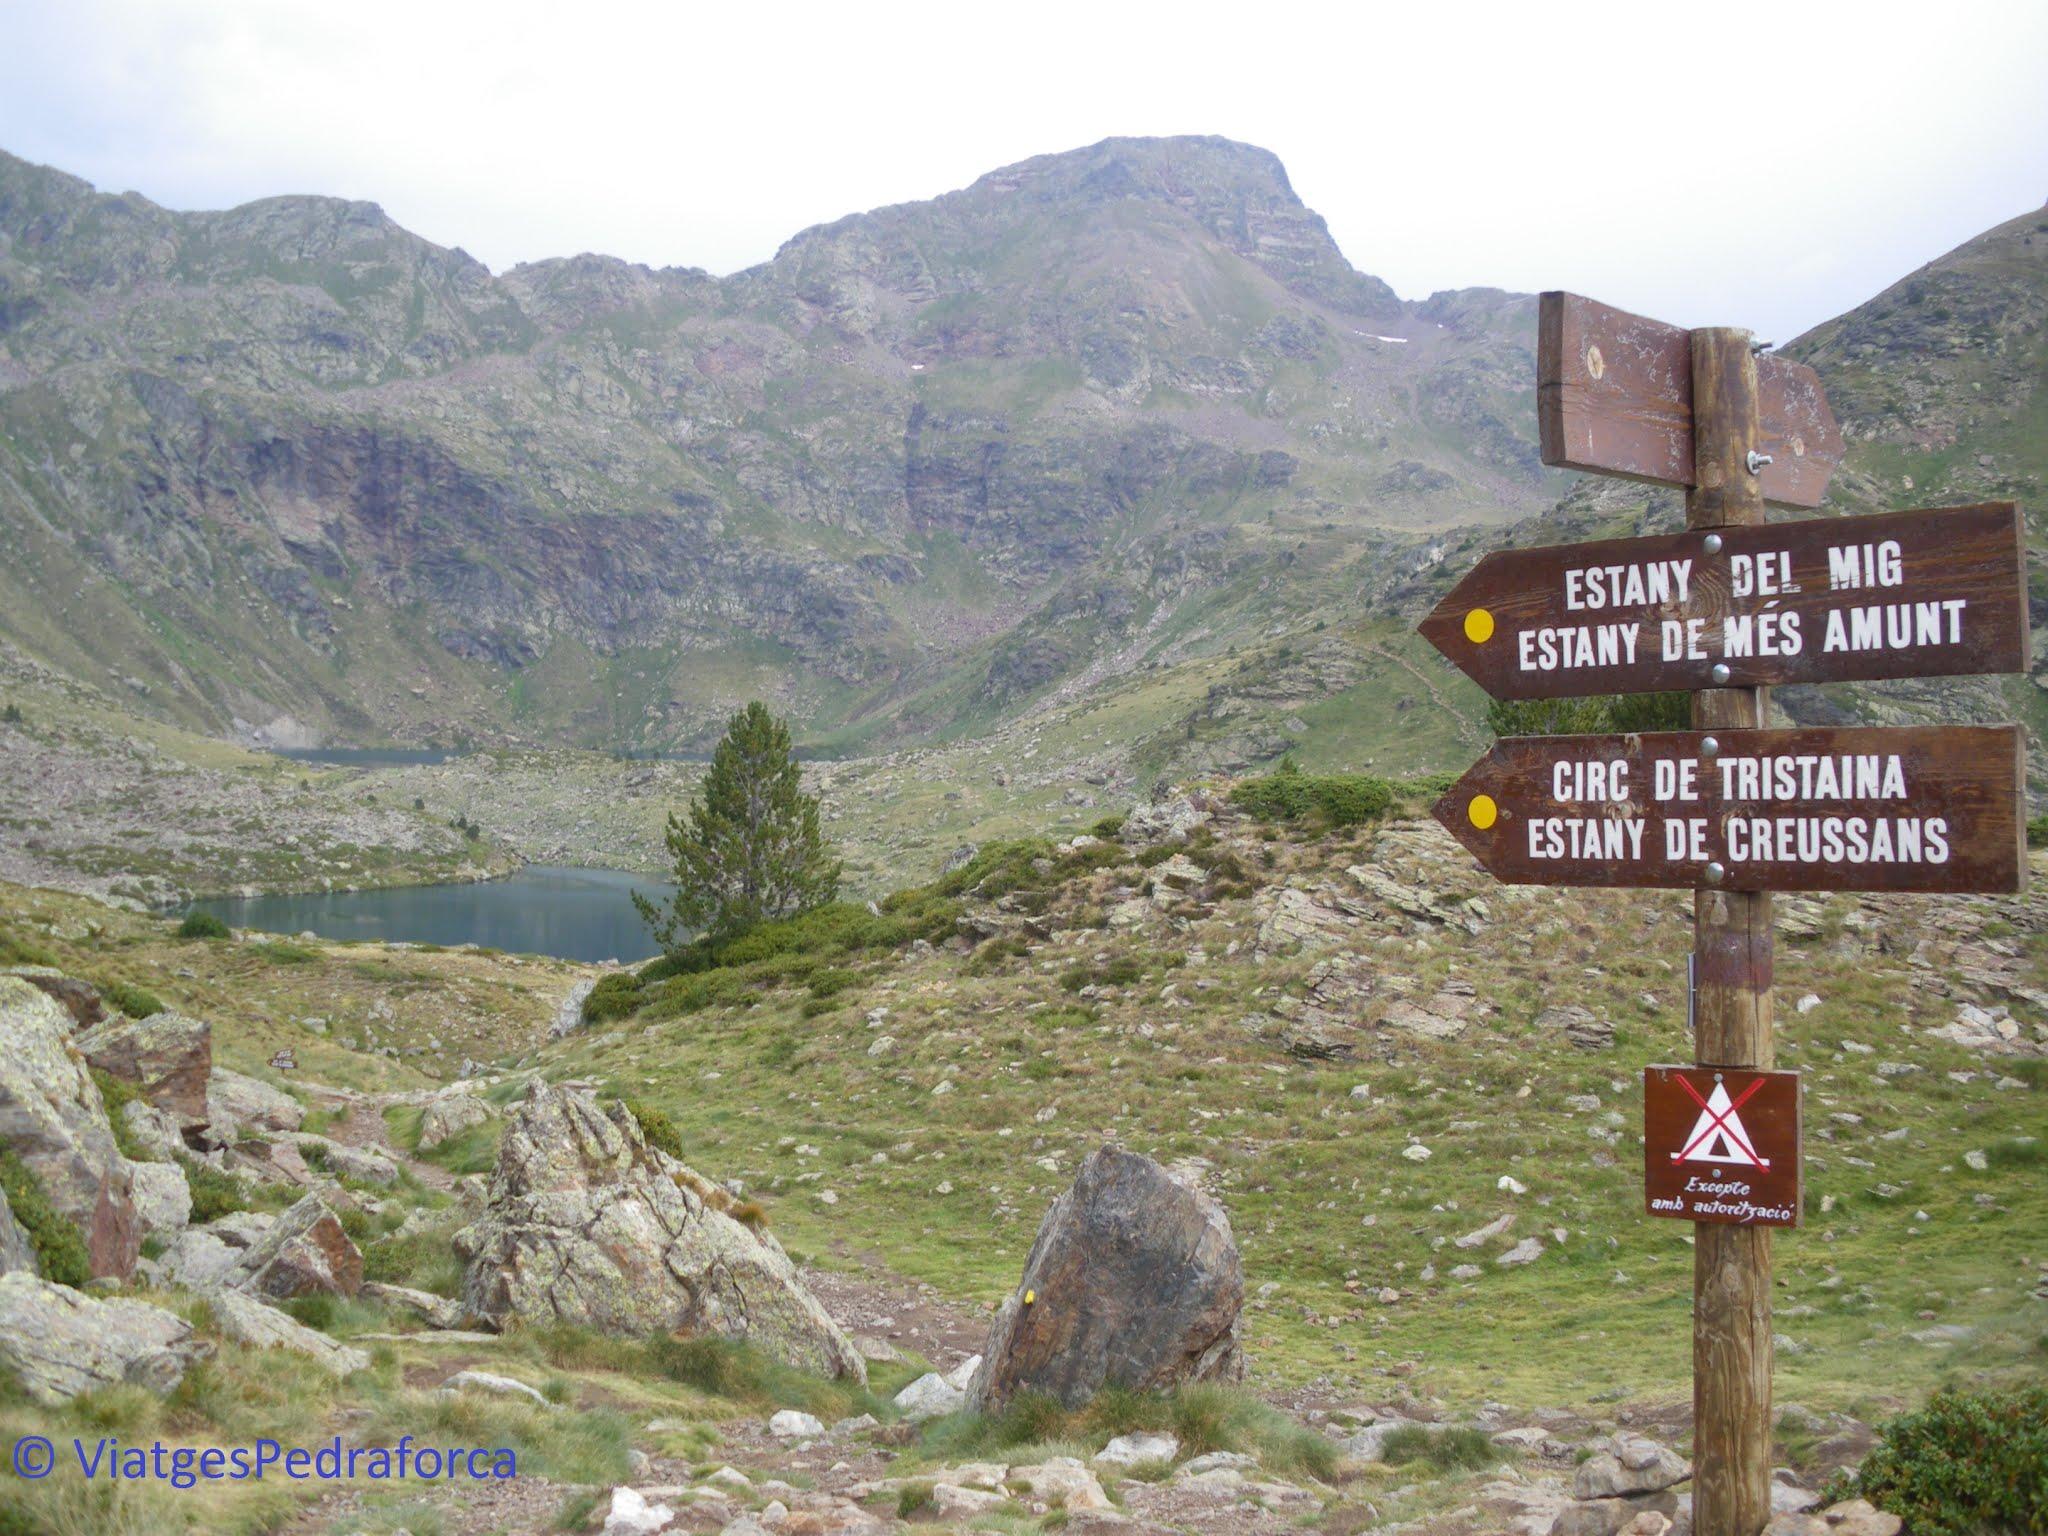 Les millors rutes senderistes per Andorra, Pirineus, senderisme, trekking, excursions amb nens